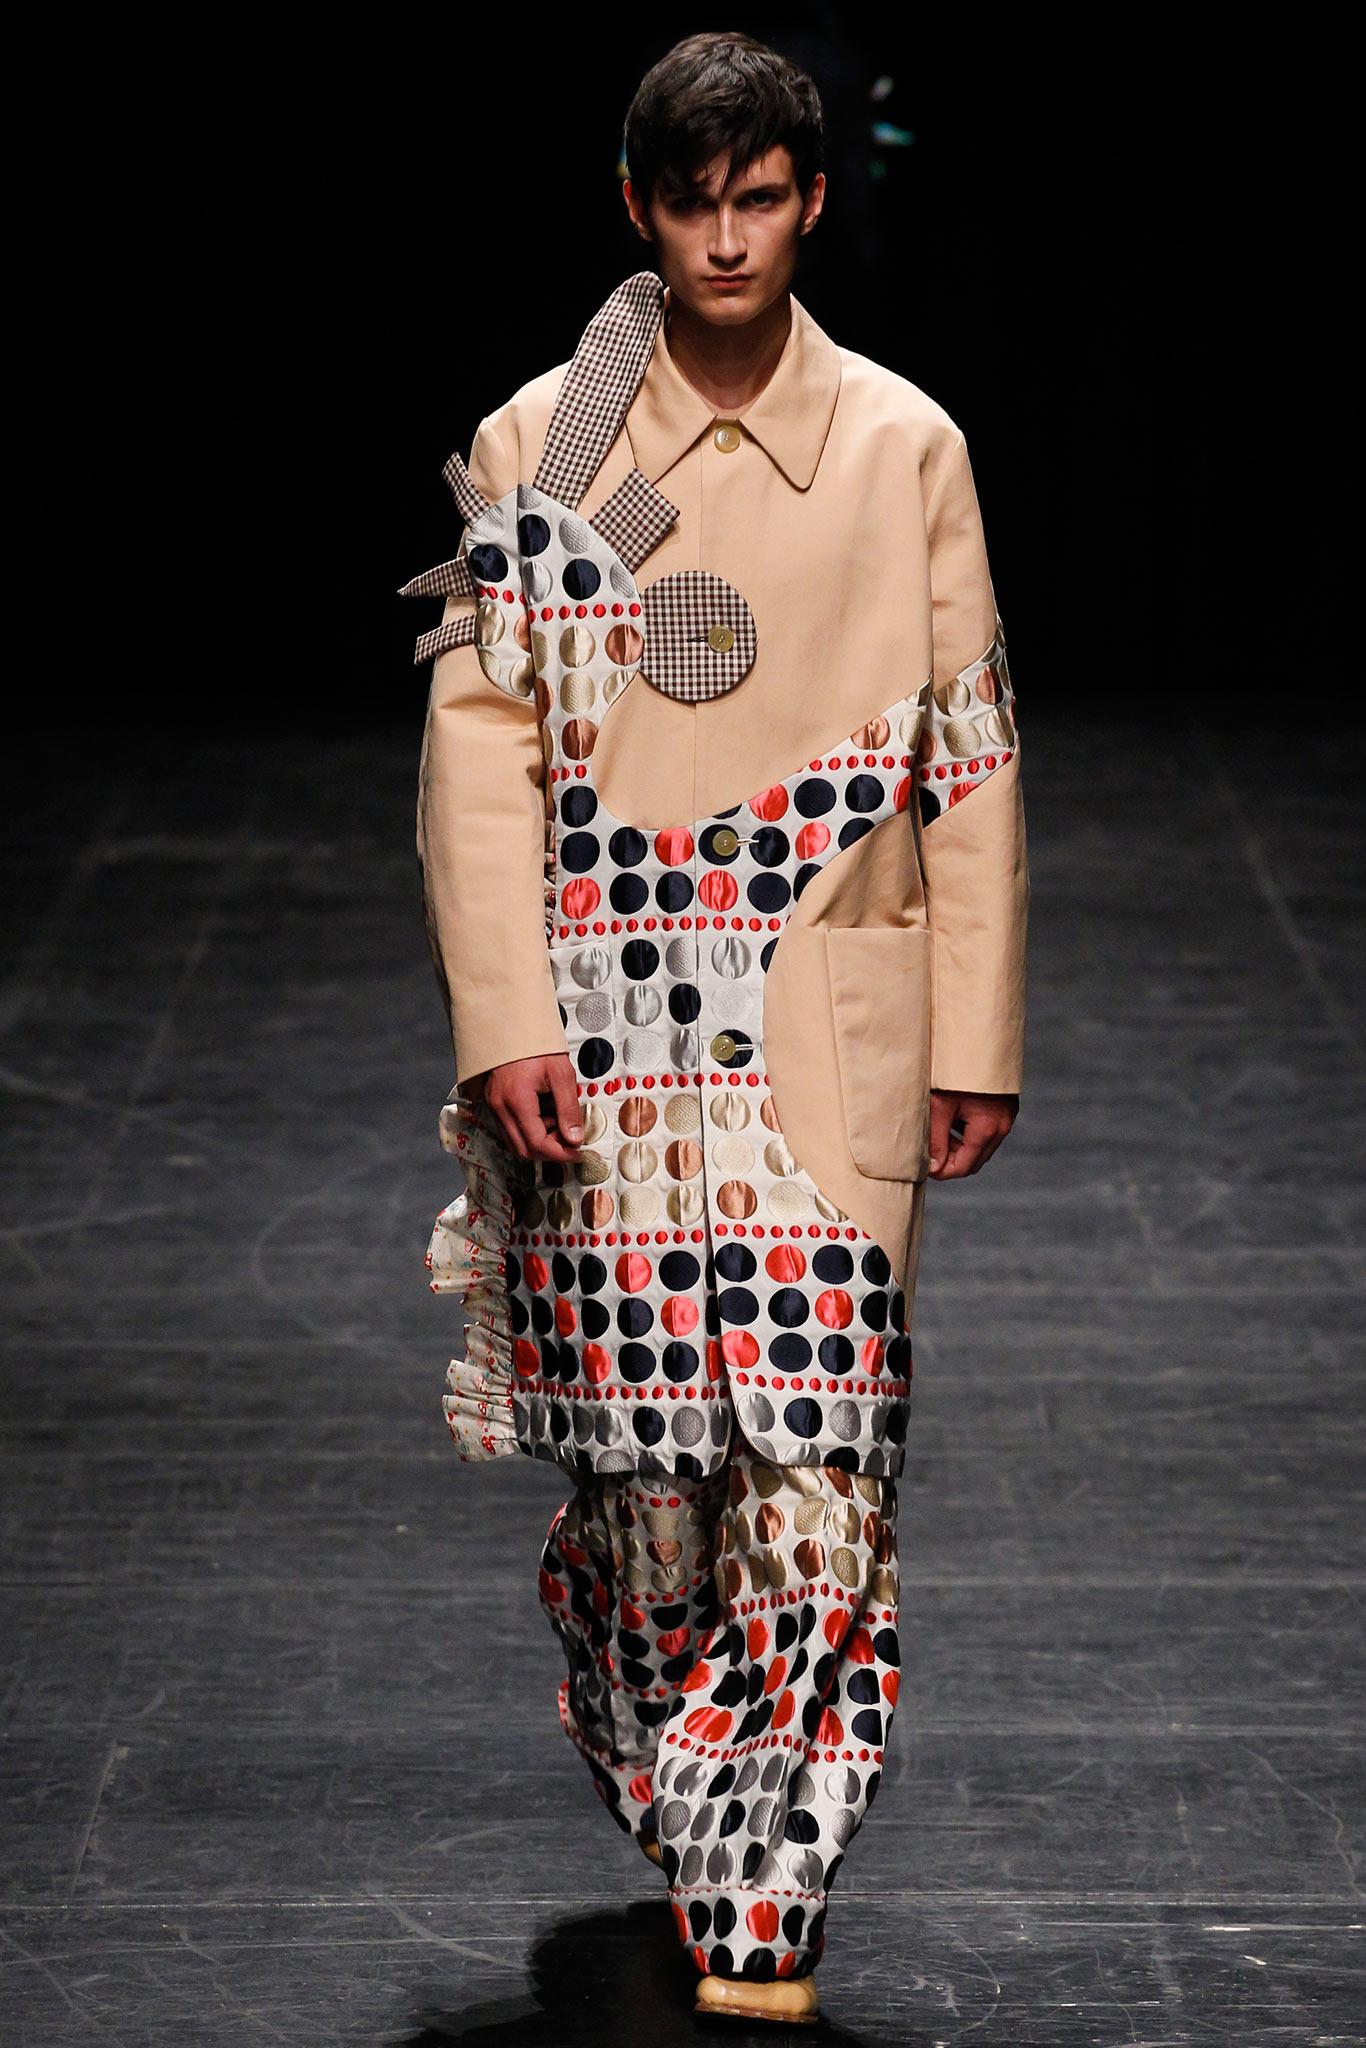 Walter Van Beirendonck Menswear S/S 2016 Paris